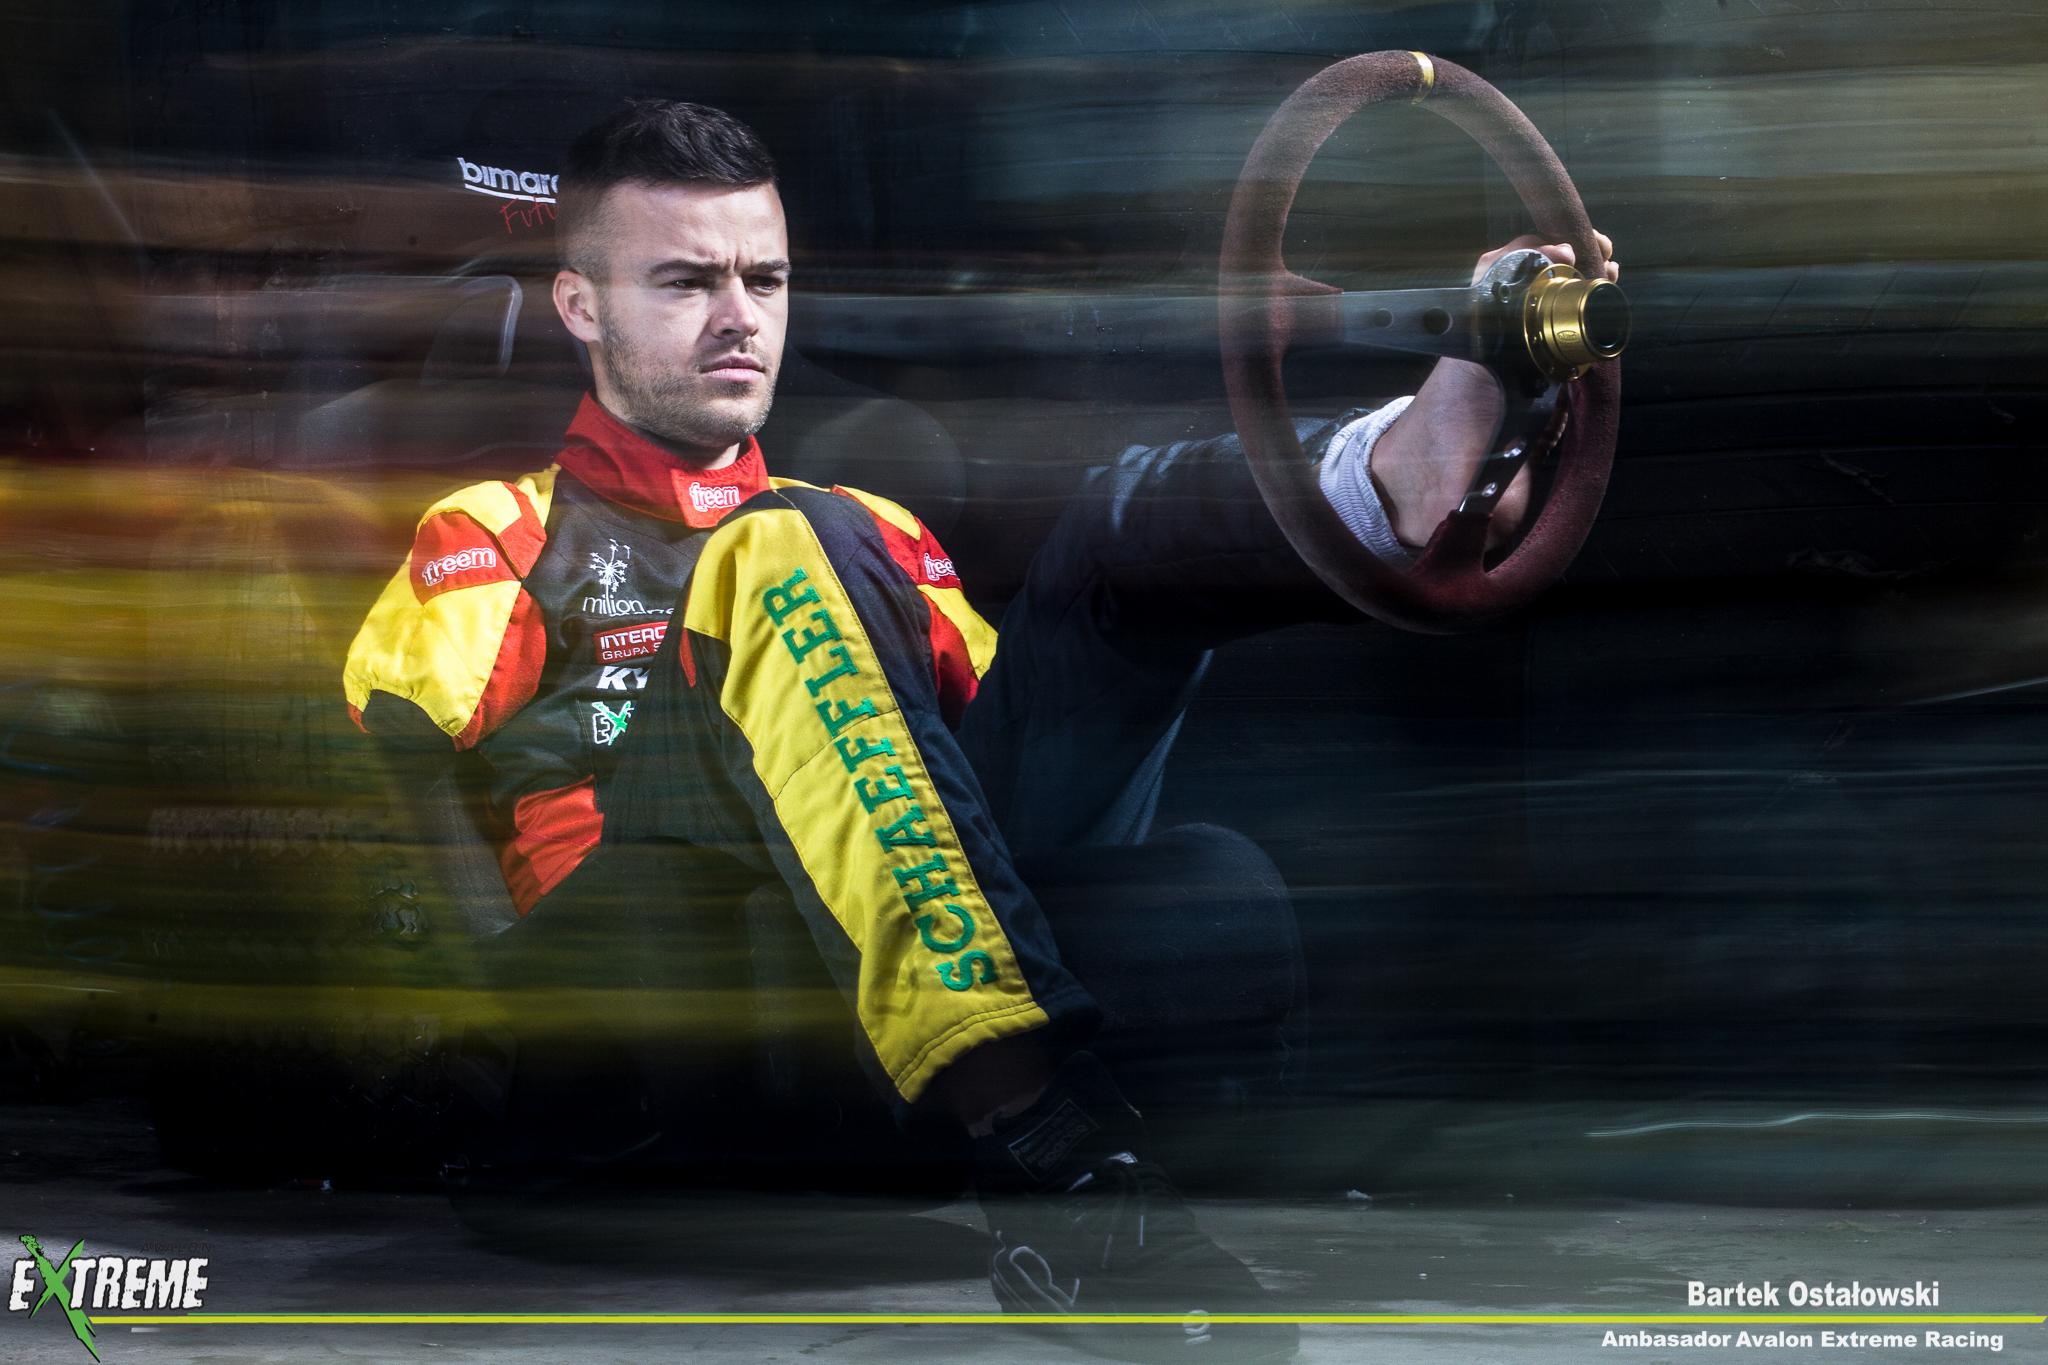 Zdjęcie sesyjne przedstawia Bartka ostałowskiego w czasie prowadzenia samochodu. Kierownicę trzyma lewą nogą, ubrany jest w kombinezon wyścigowy, jest skoncentrowany i skupiony na jeździe. Stylistyka zdjęcia jest dość tajemnicza i mroczna